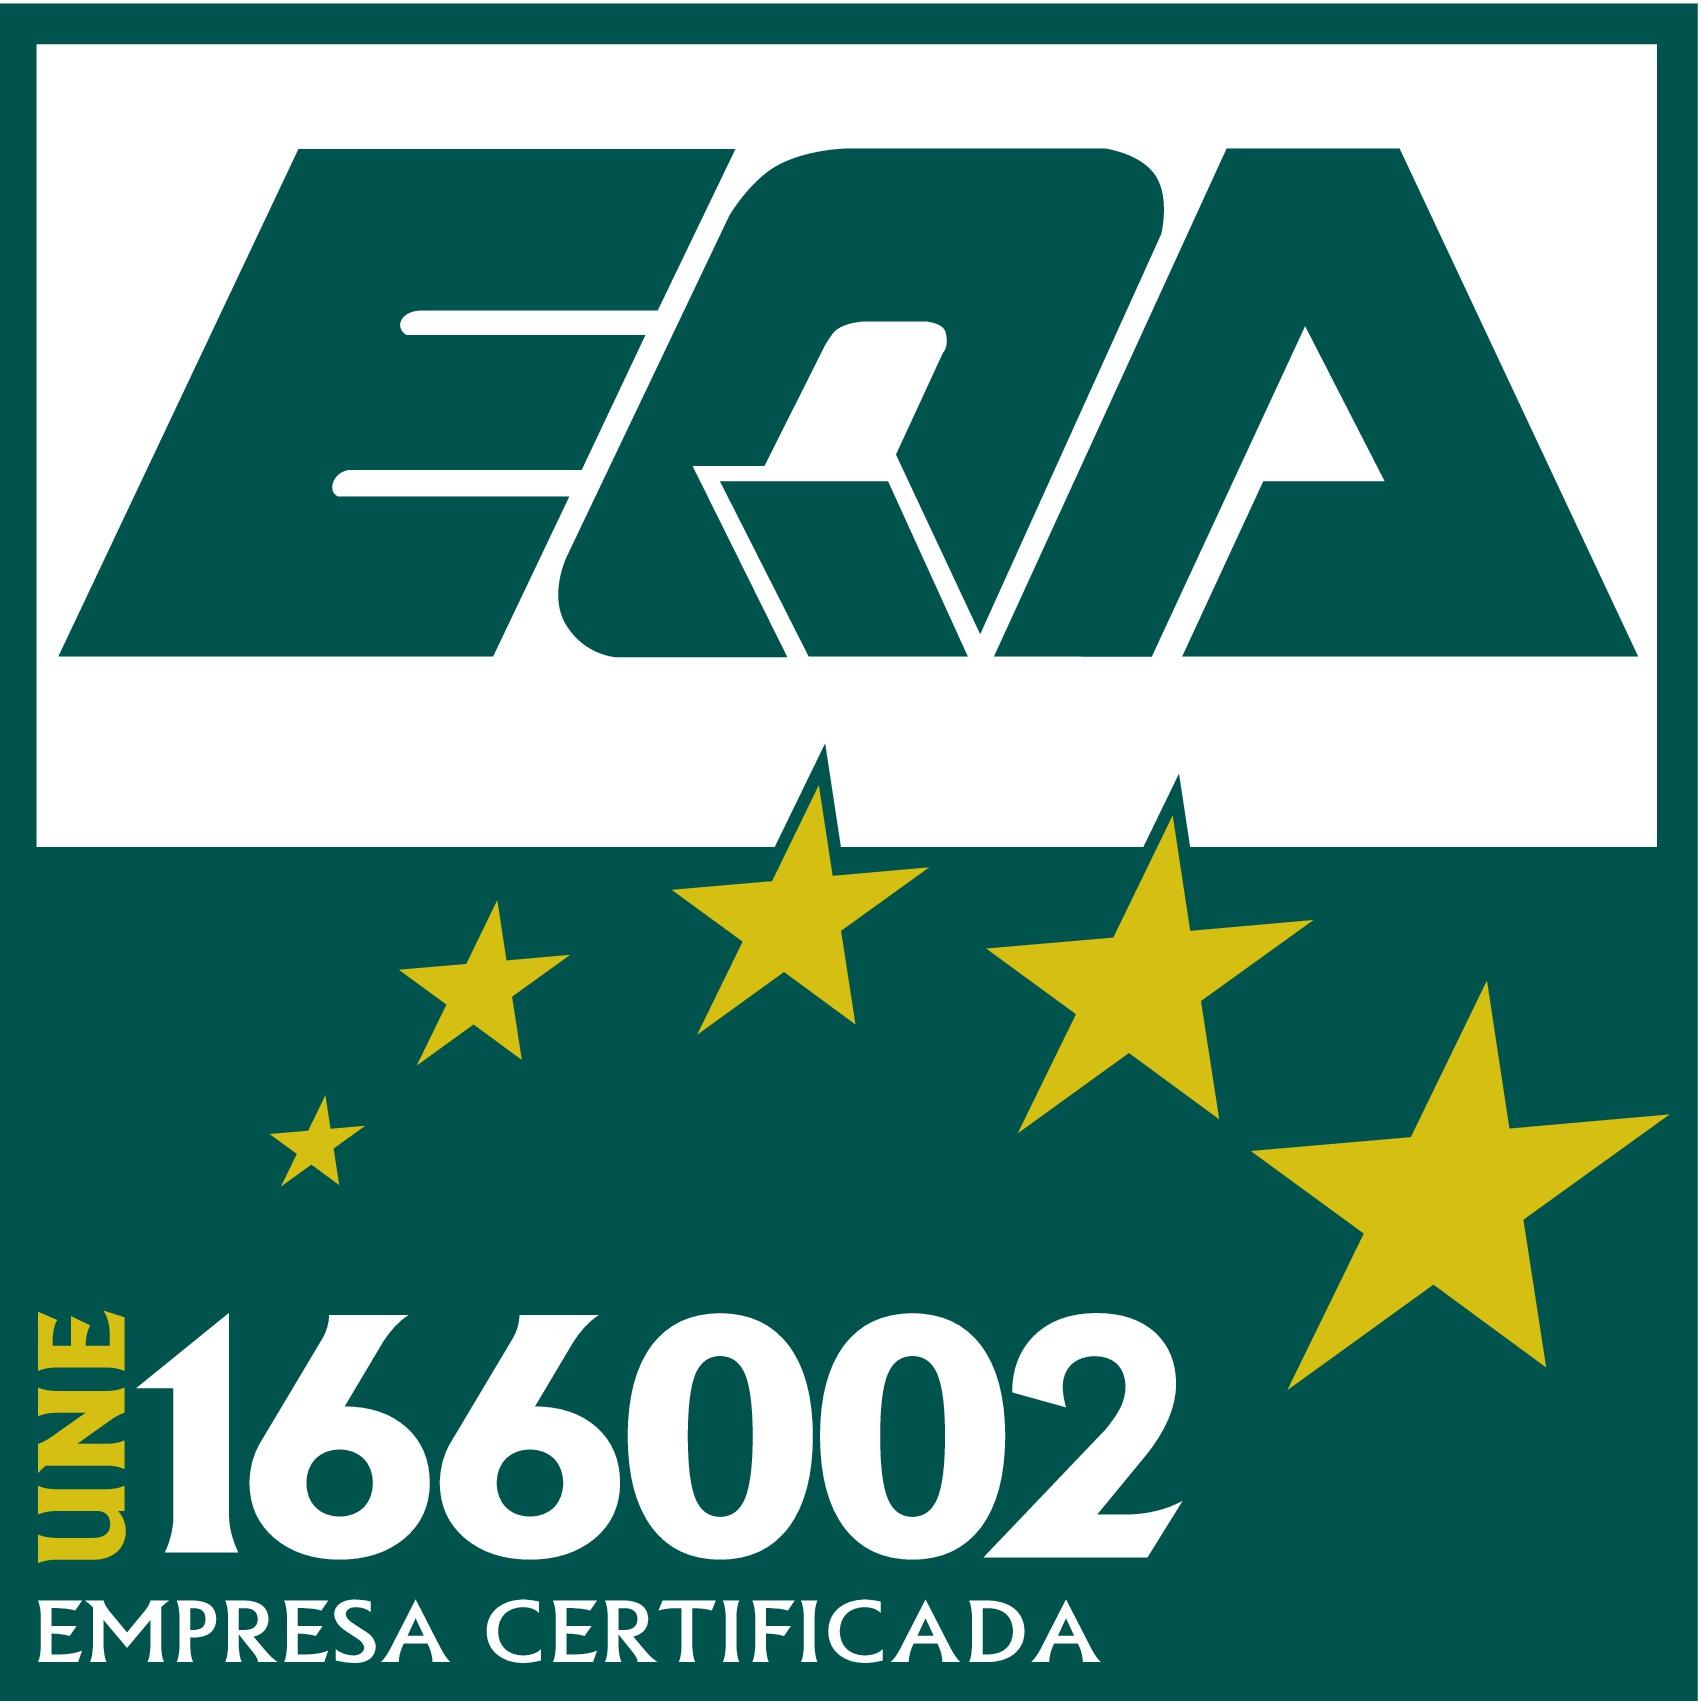 UNE166002 innovative SME